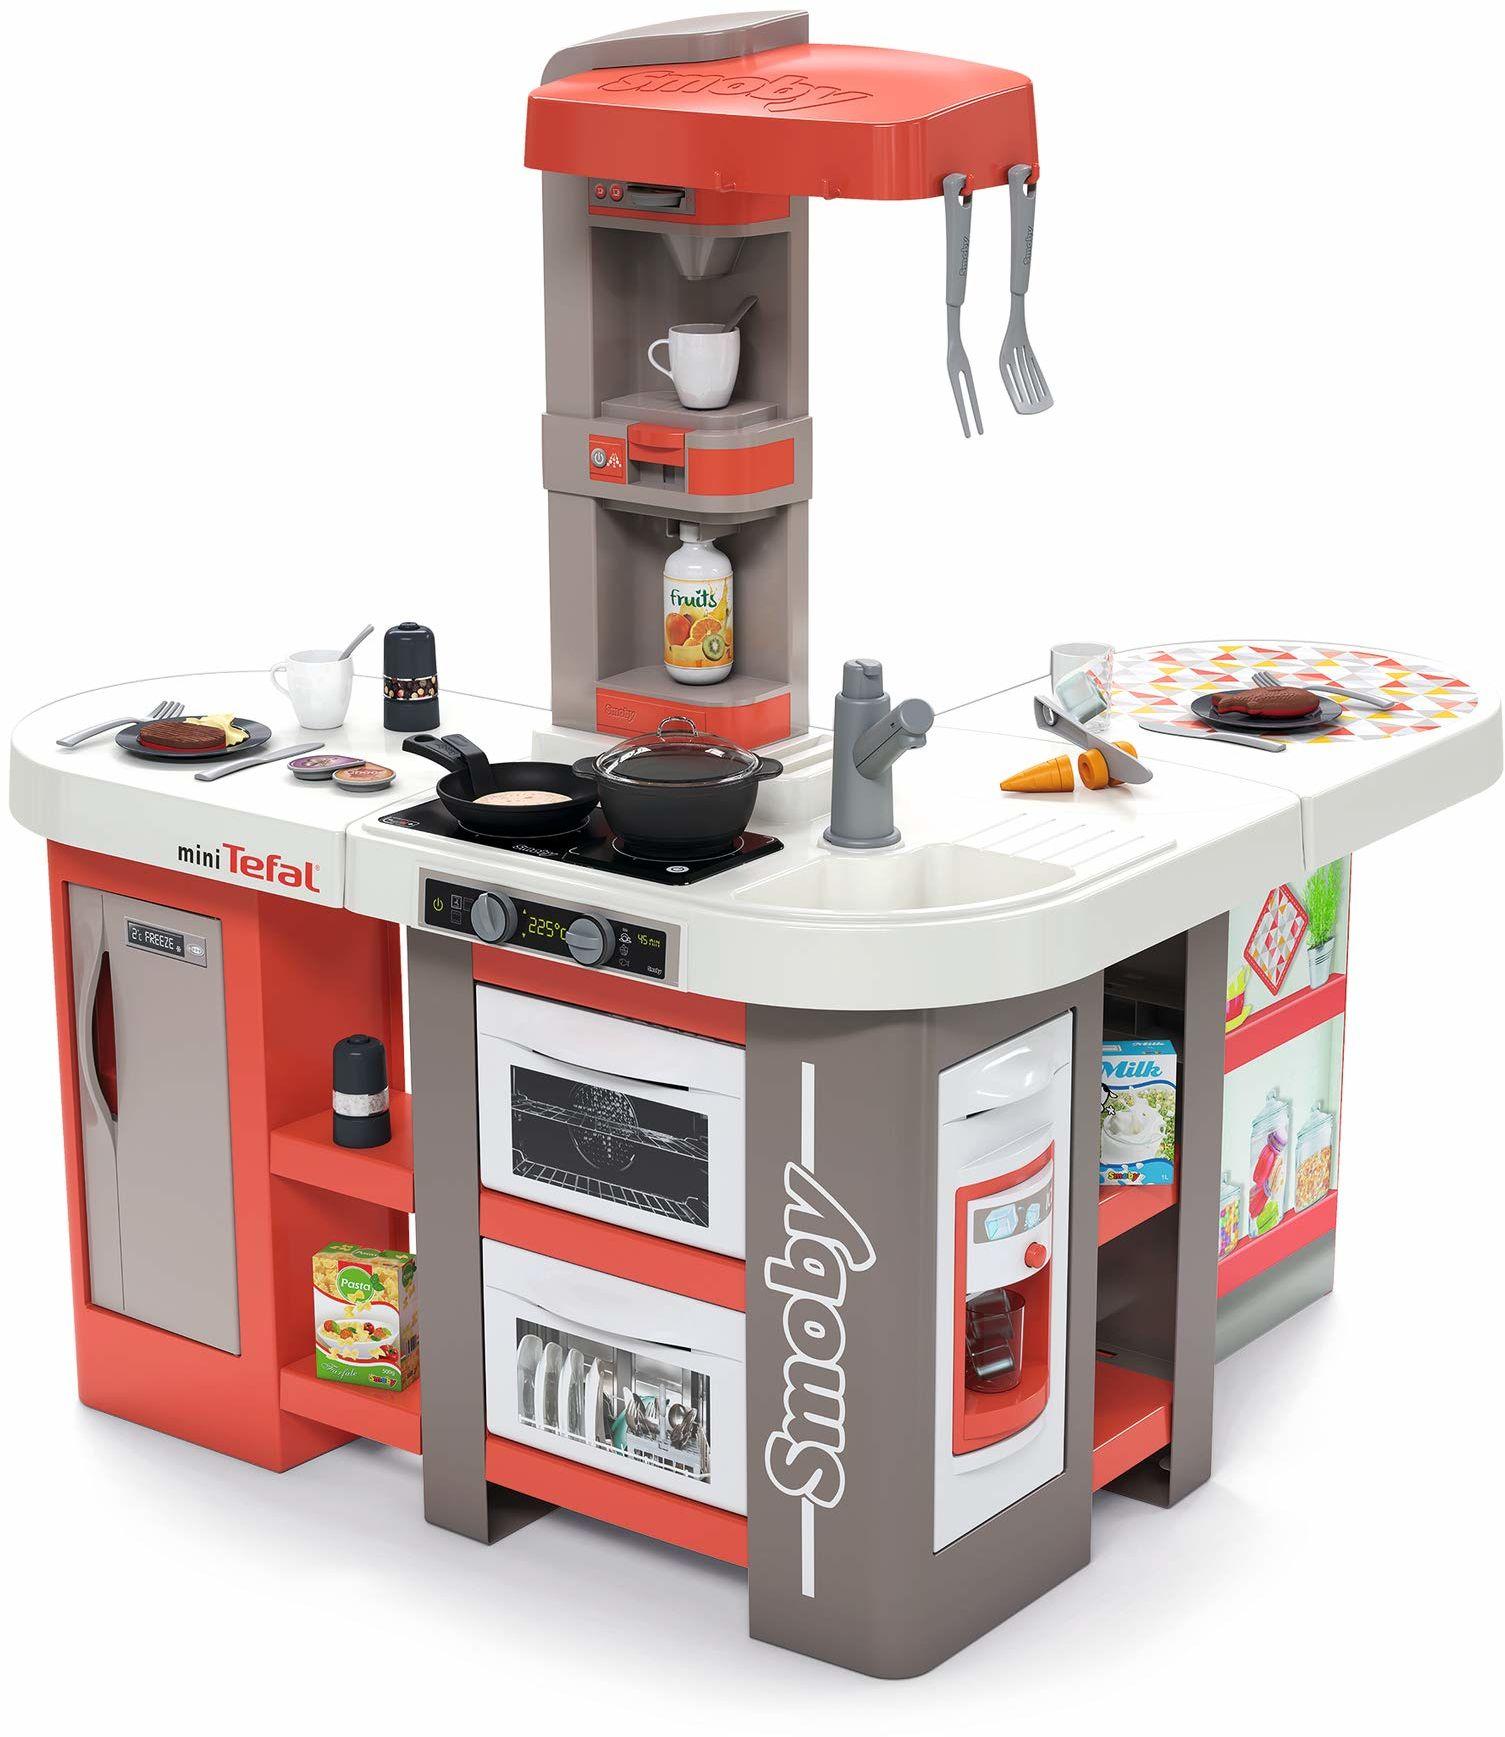 Smoby - Tefal Studio Bubble XXL kuchnia w ekstrawaganckim kształcie, z dźwiękiem, dla dzieci od 3 lat, z dużą ilością akcesoriów, kolor czerwony